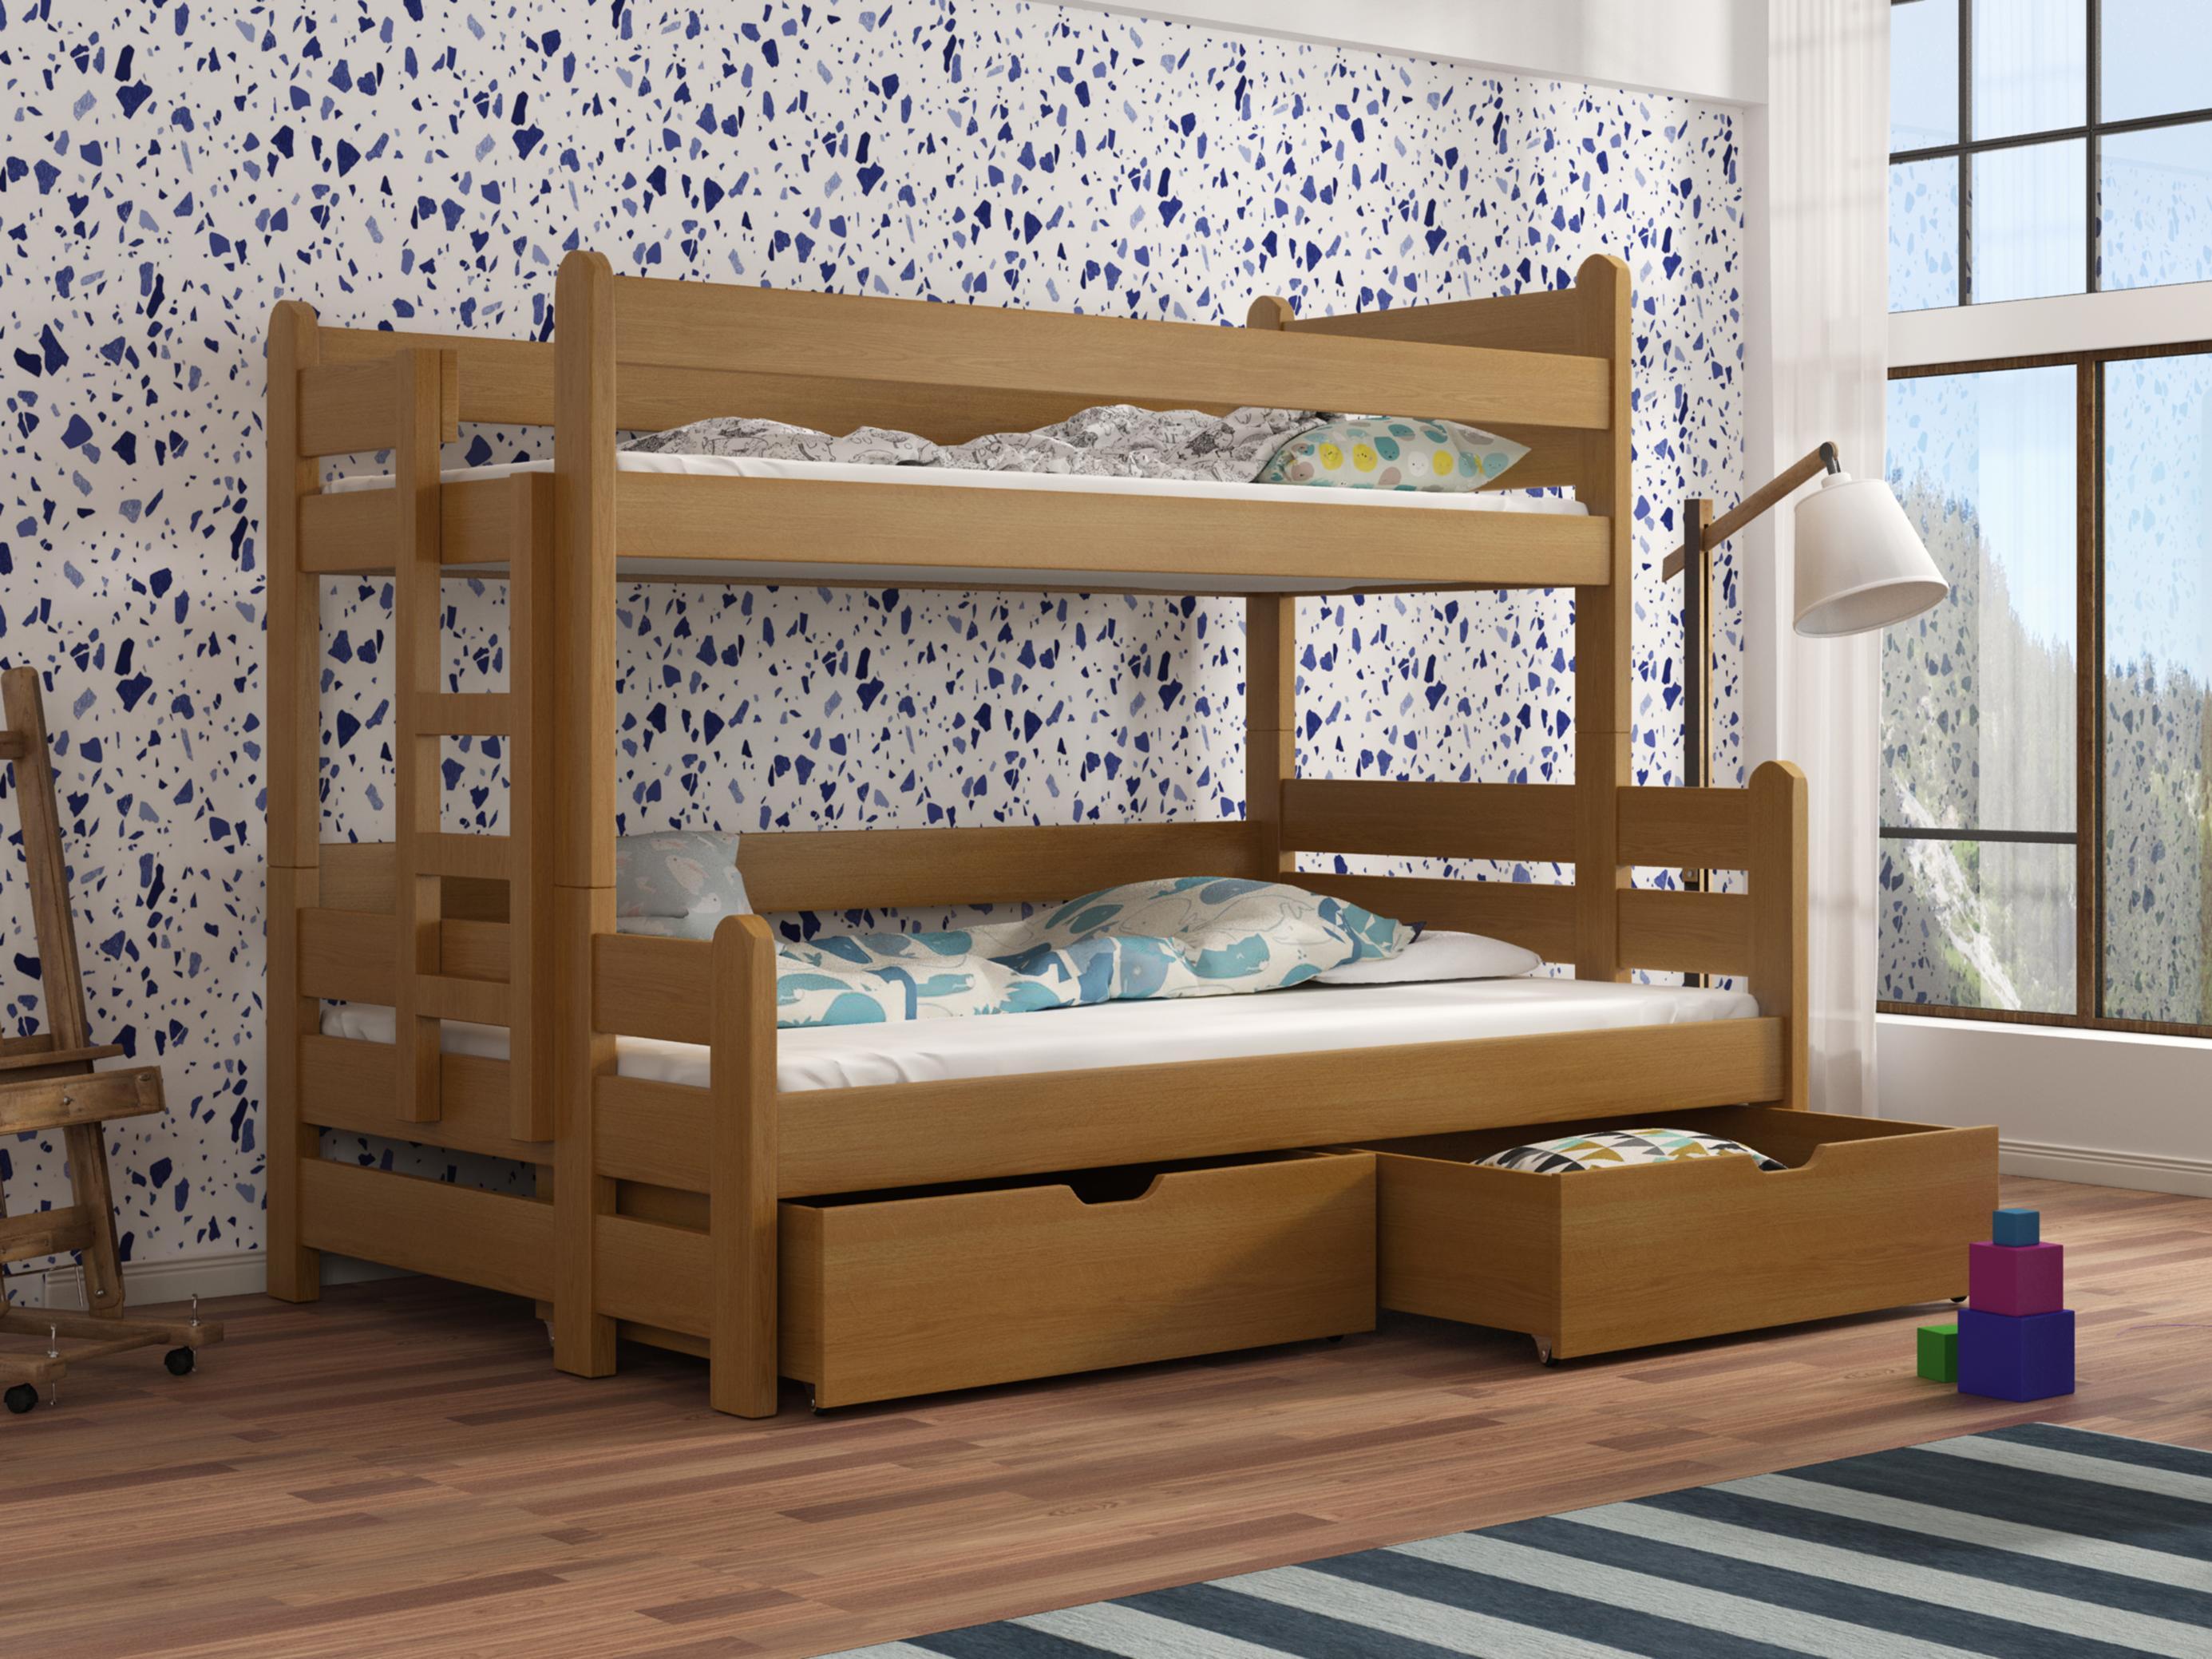 Dětská patrová postel 90 cm - Bivi (dub)